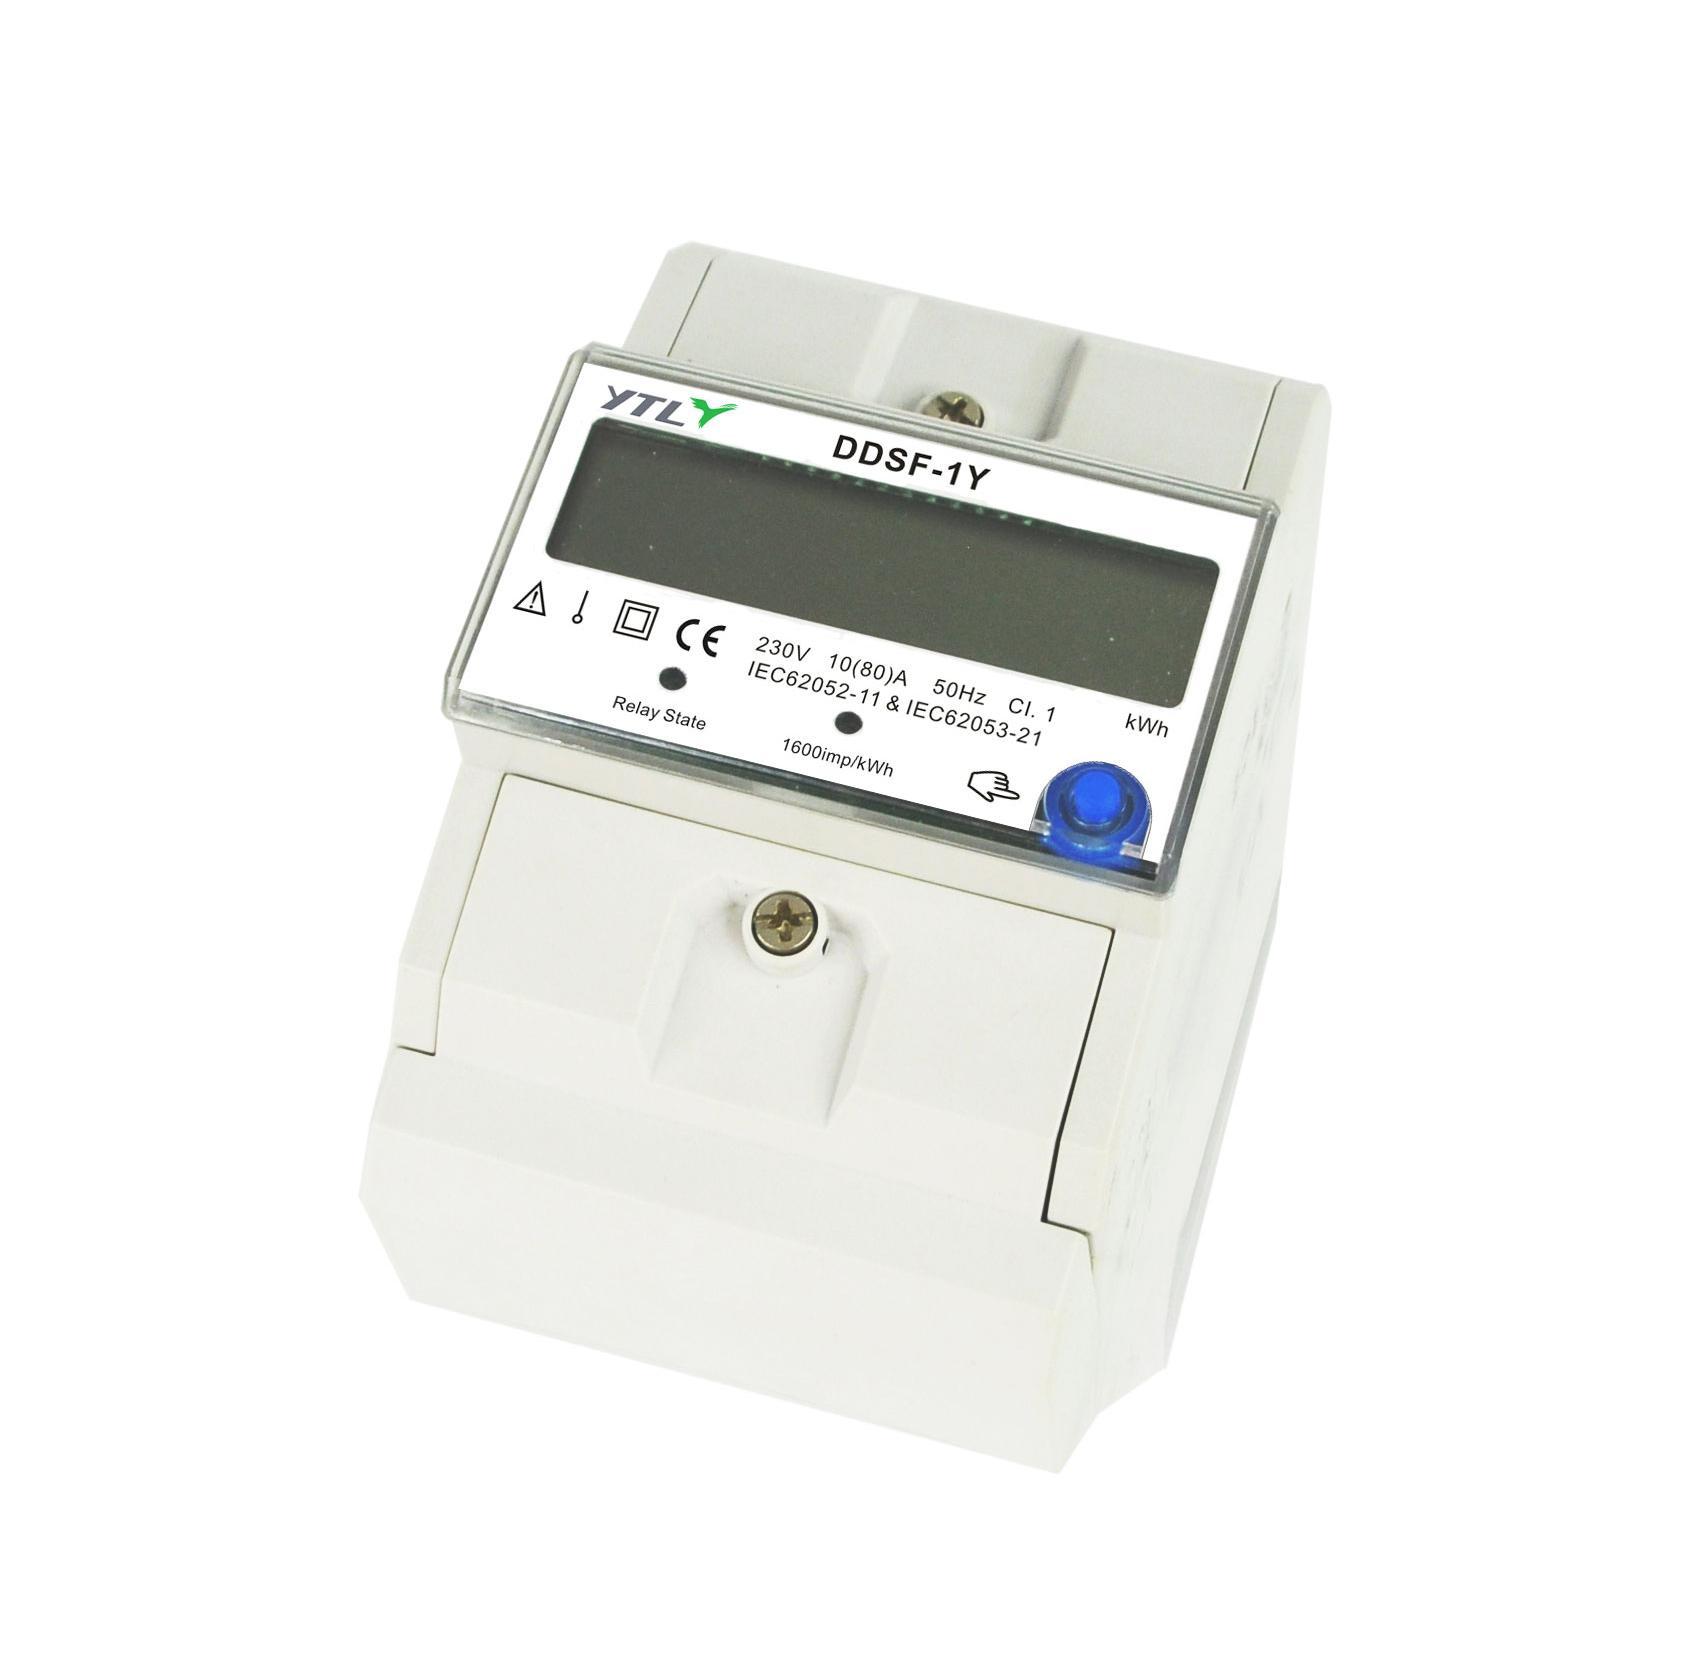 永泰隆单相电子式多功能计量装置 80A工业RS485通讯远程